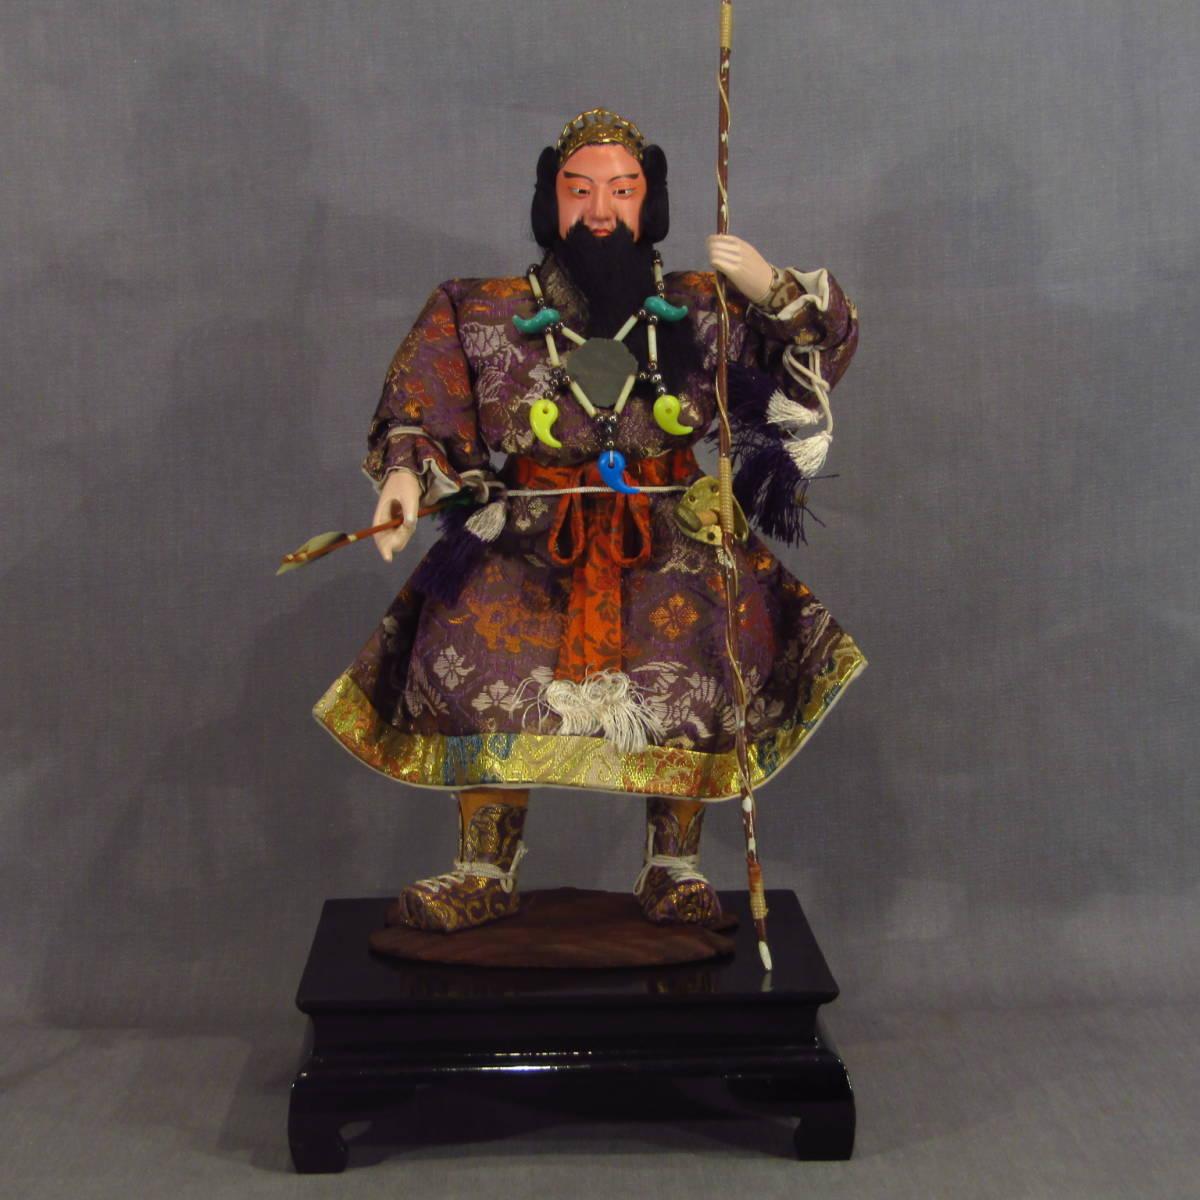 名称不明 天皇 神話 五月人形 五月飾り 木目込み人形 季節もの 日本人形 子どもの日 端午の節句 伝統工芸 久月 和物 アンテ